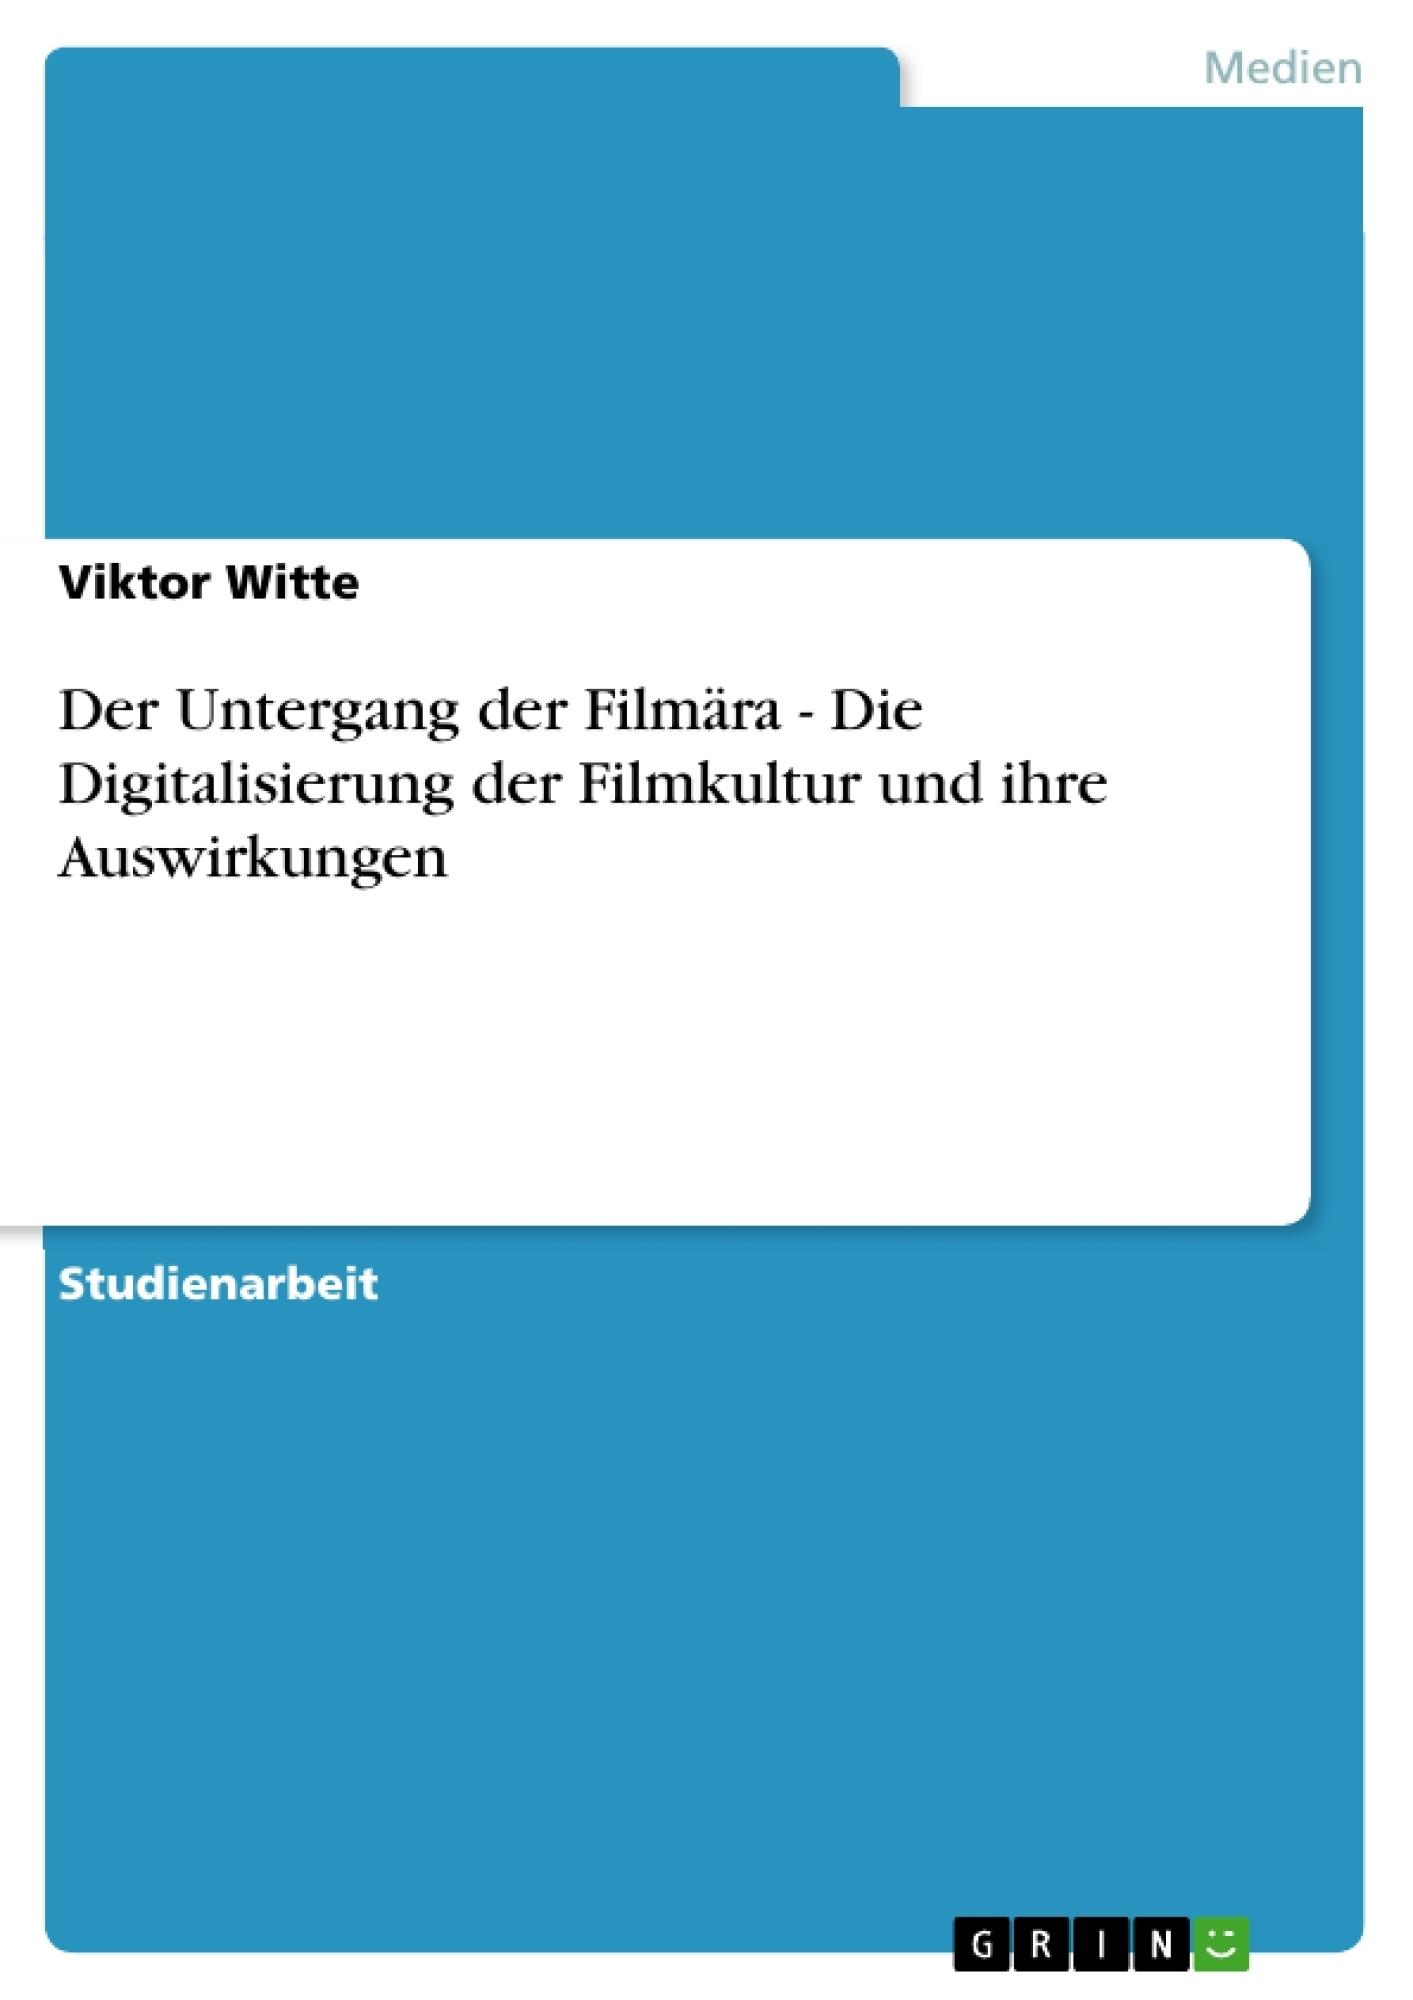 Titel: Der Untergang der Filmära - Die Digitalisierung der Filmkultur und ihre Auswirkungen